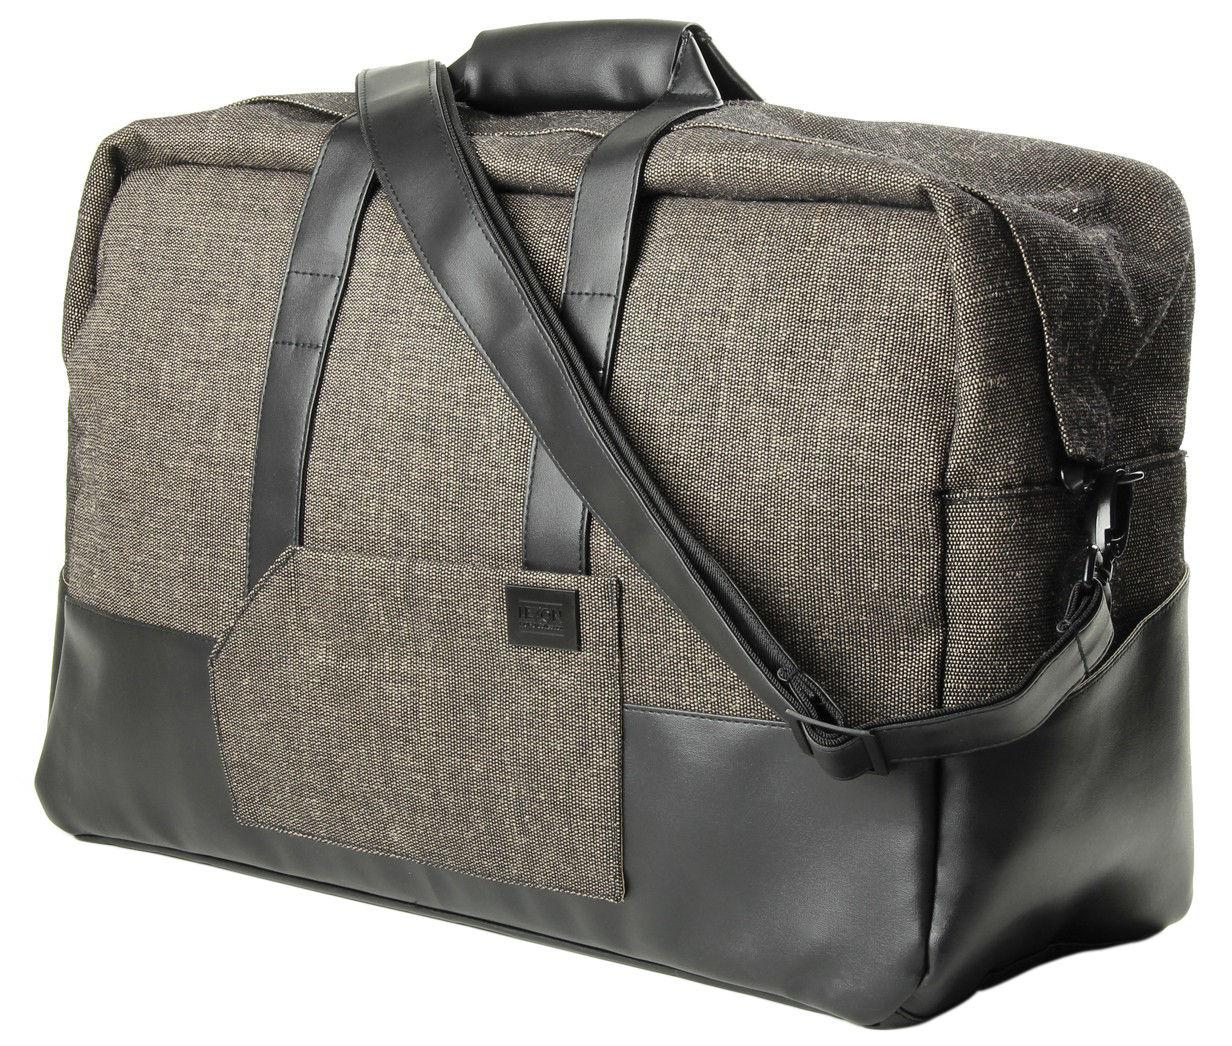 Accessoires - Sacs, trousses, porte-monnaie... - Sac de voyage - Lexon - Marron - Fibres PET recyclées